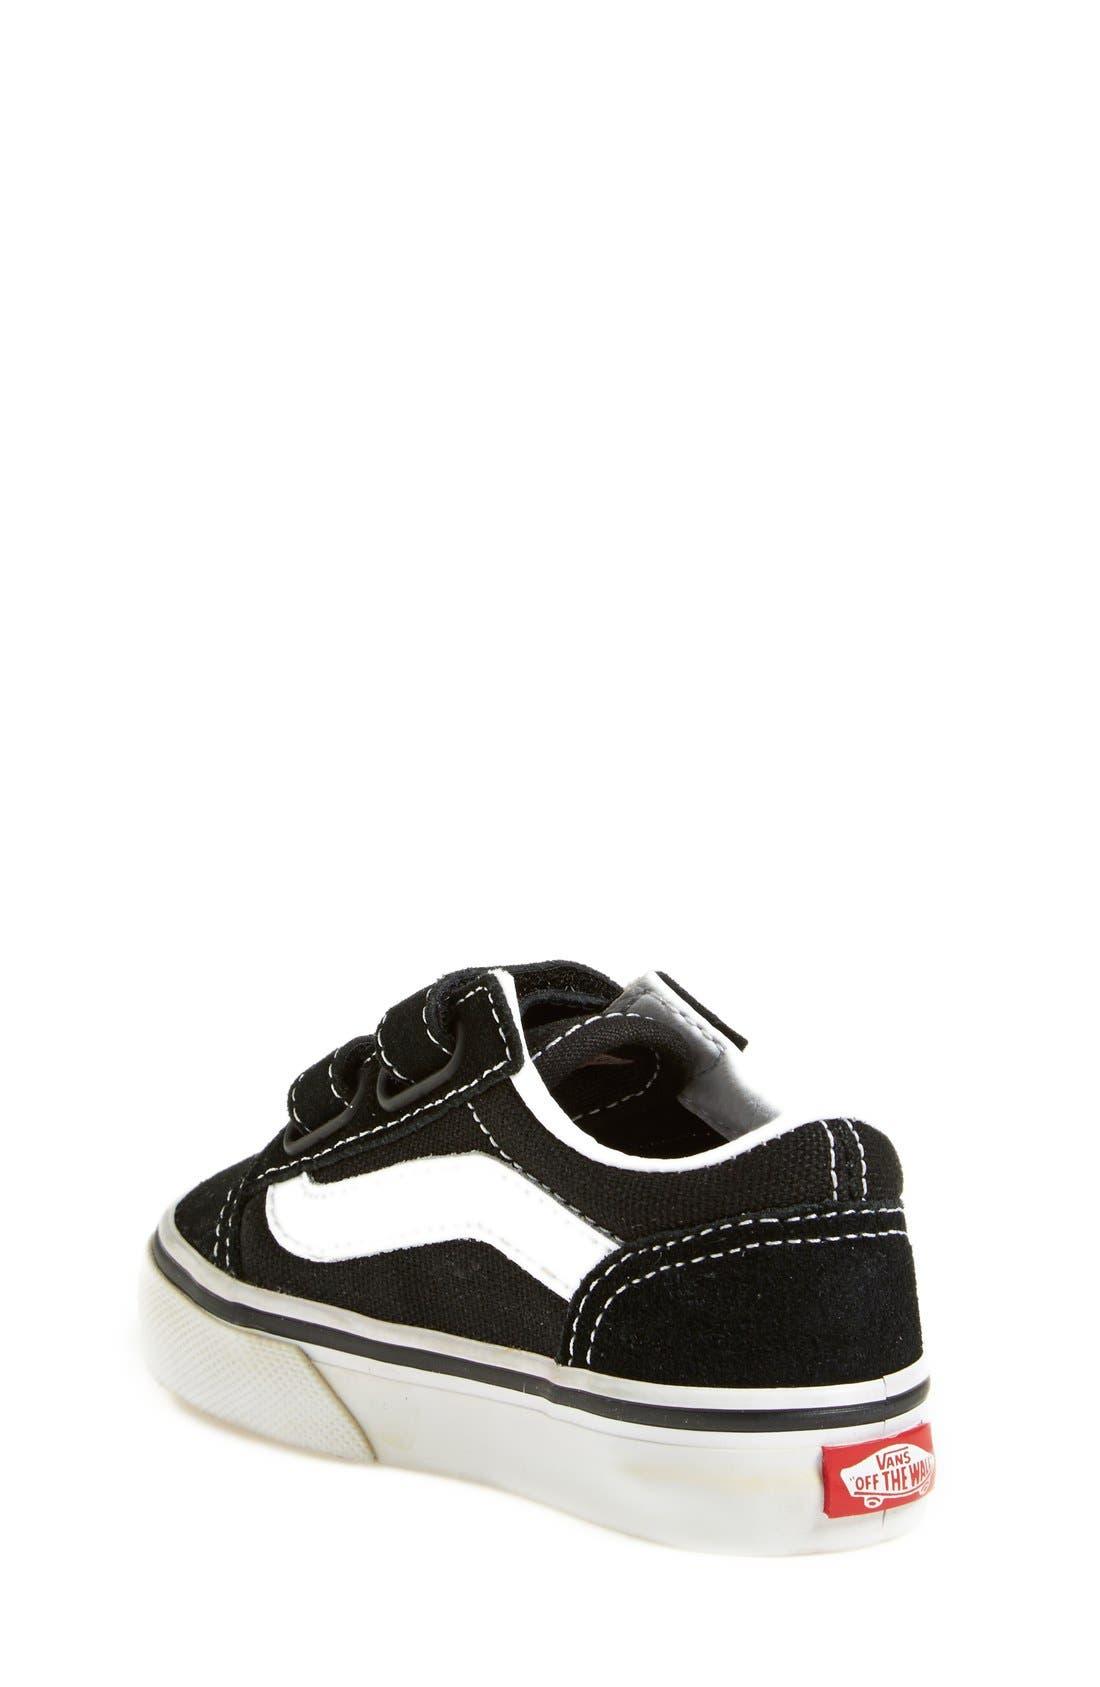 VANS, 'Old Skool V' Sneaker, Alternate thumbnail 5, color, BLACK/ TRUE WHITE